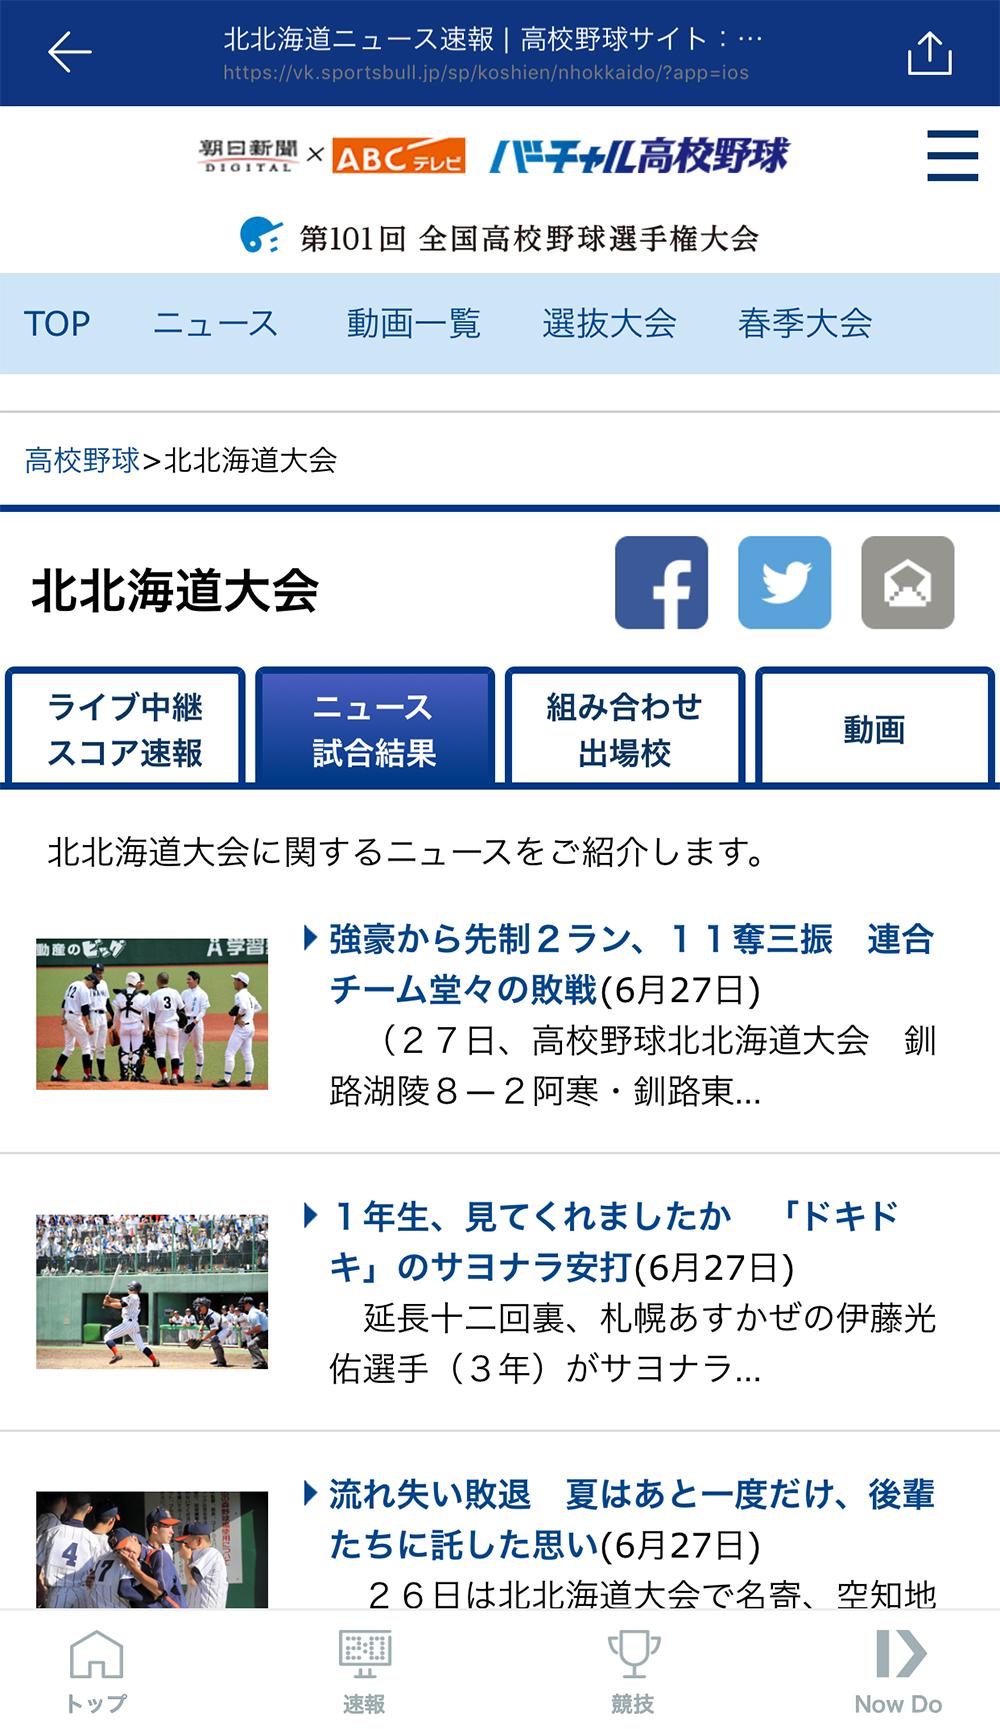 バーチャル高校野球 地域のニュース・試合結果